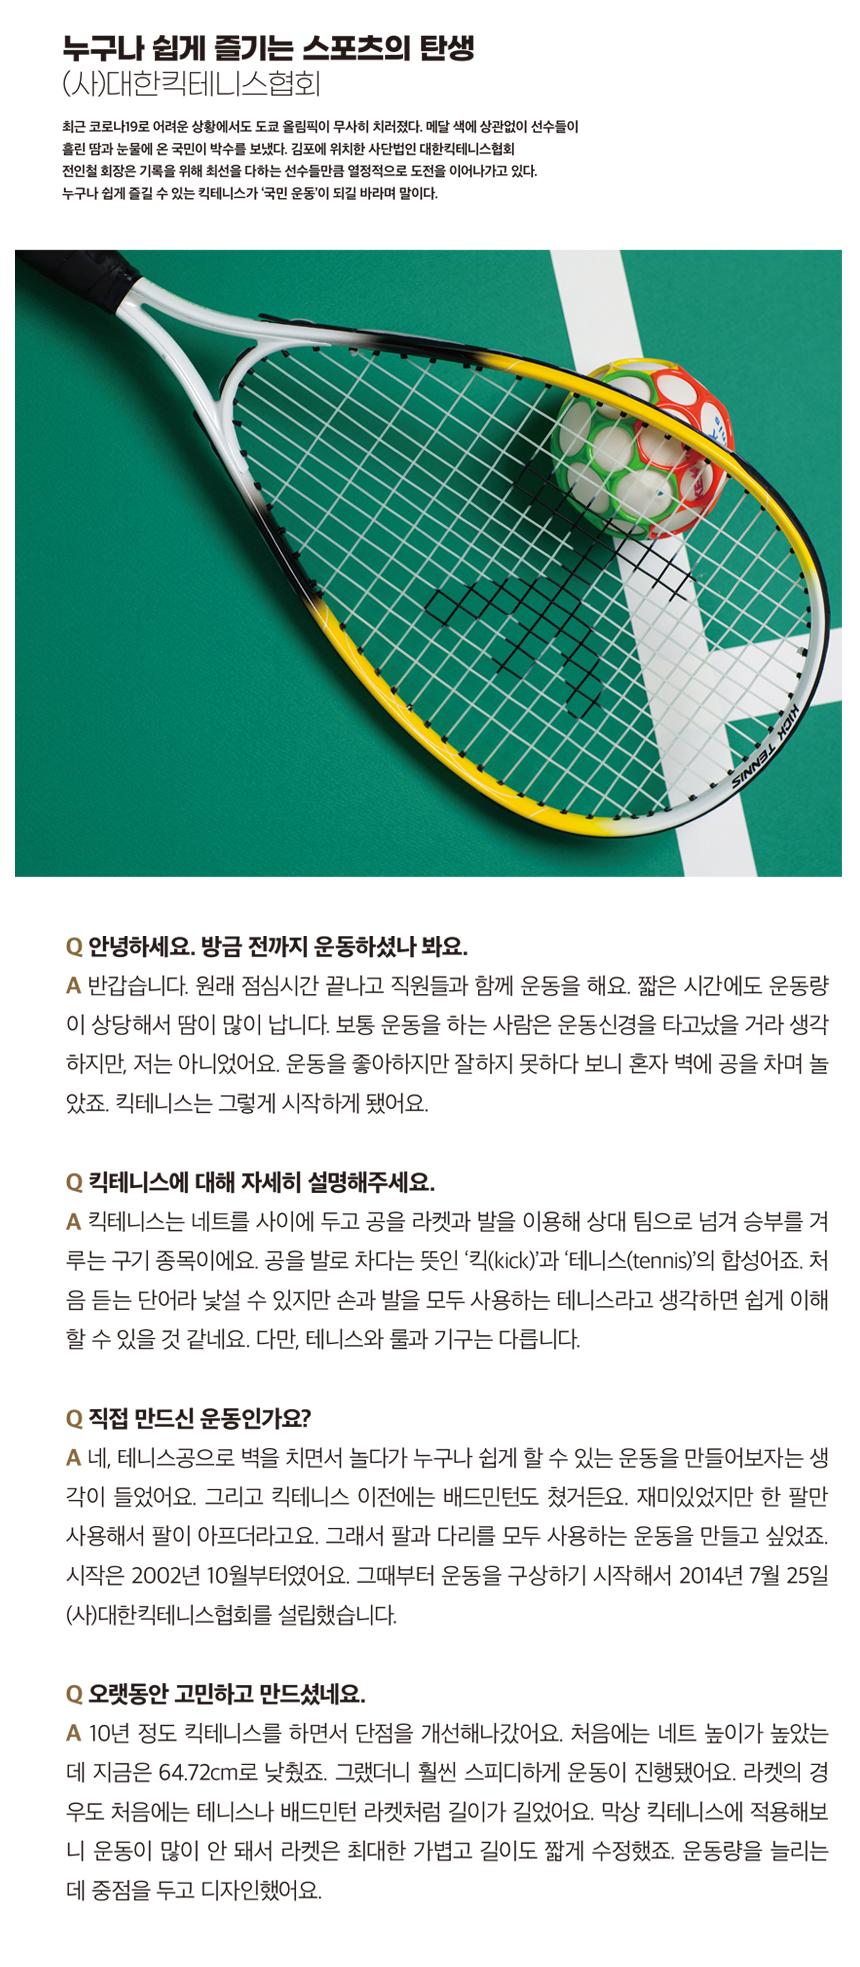 테니스1.jpg